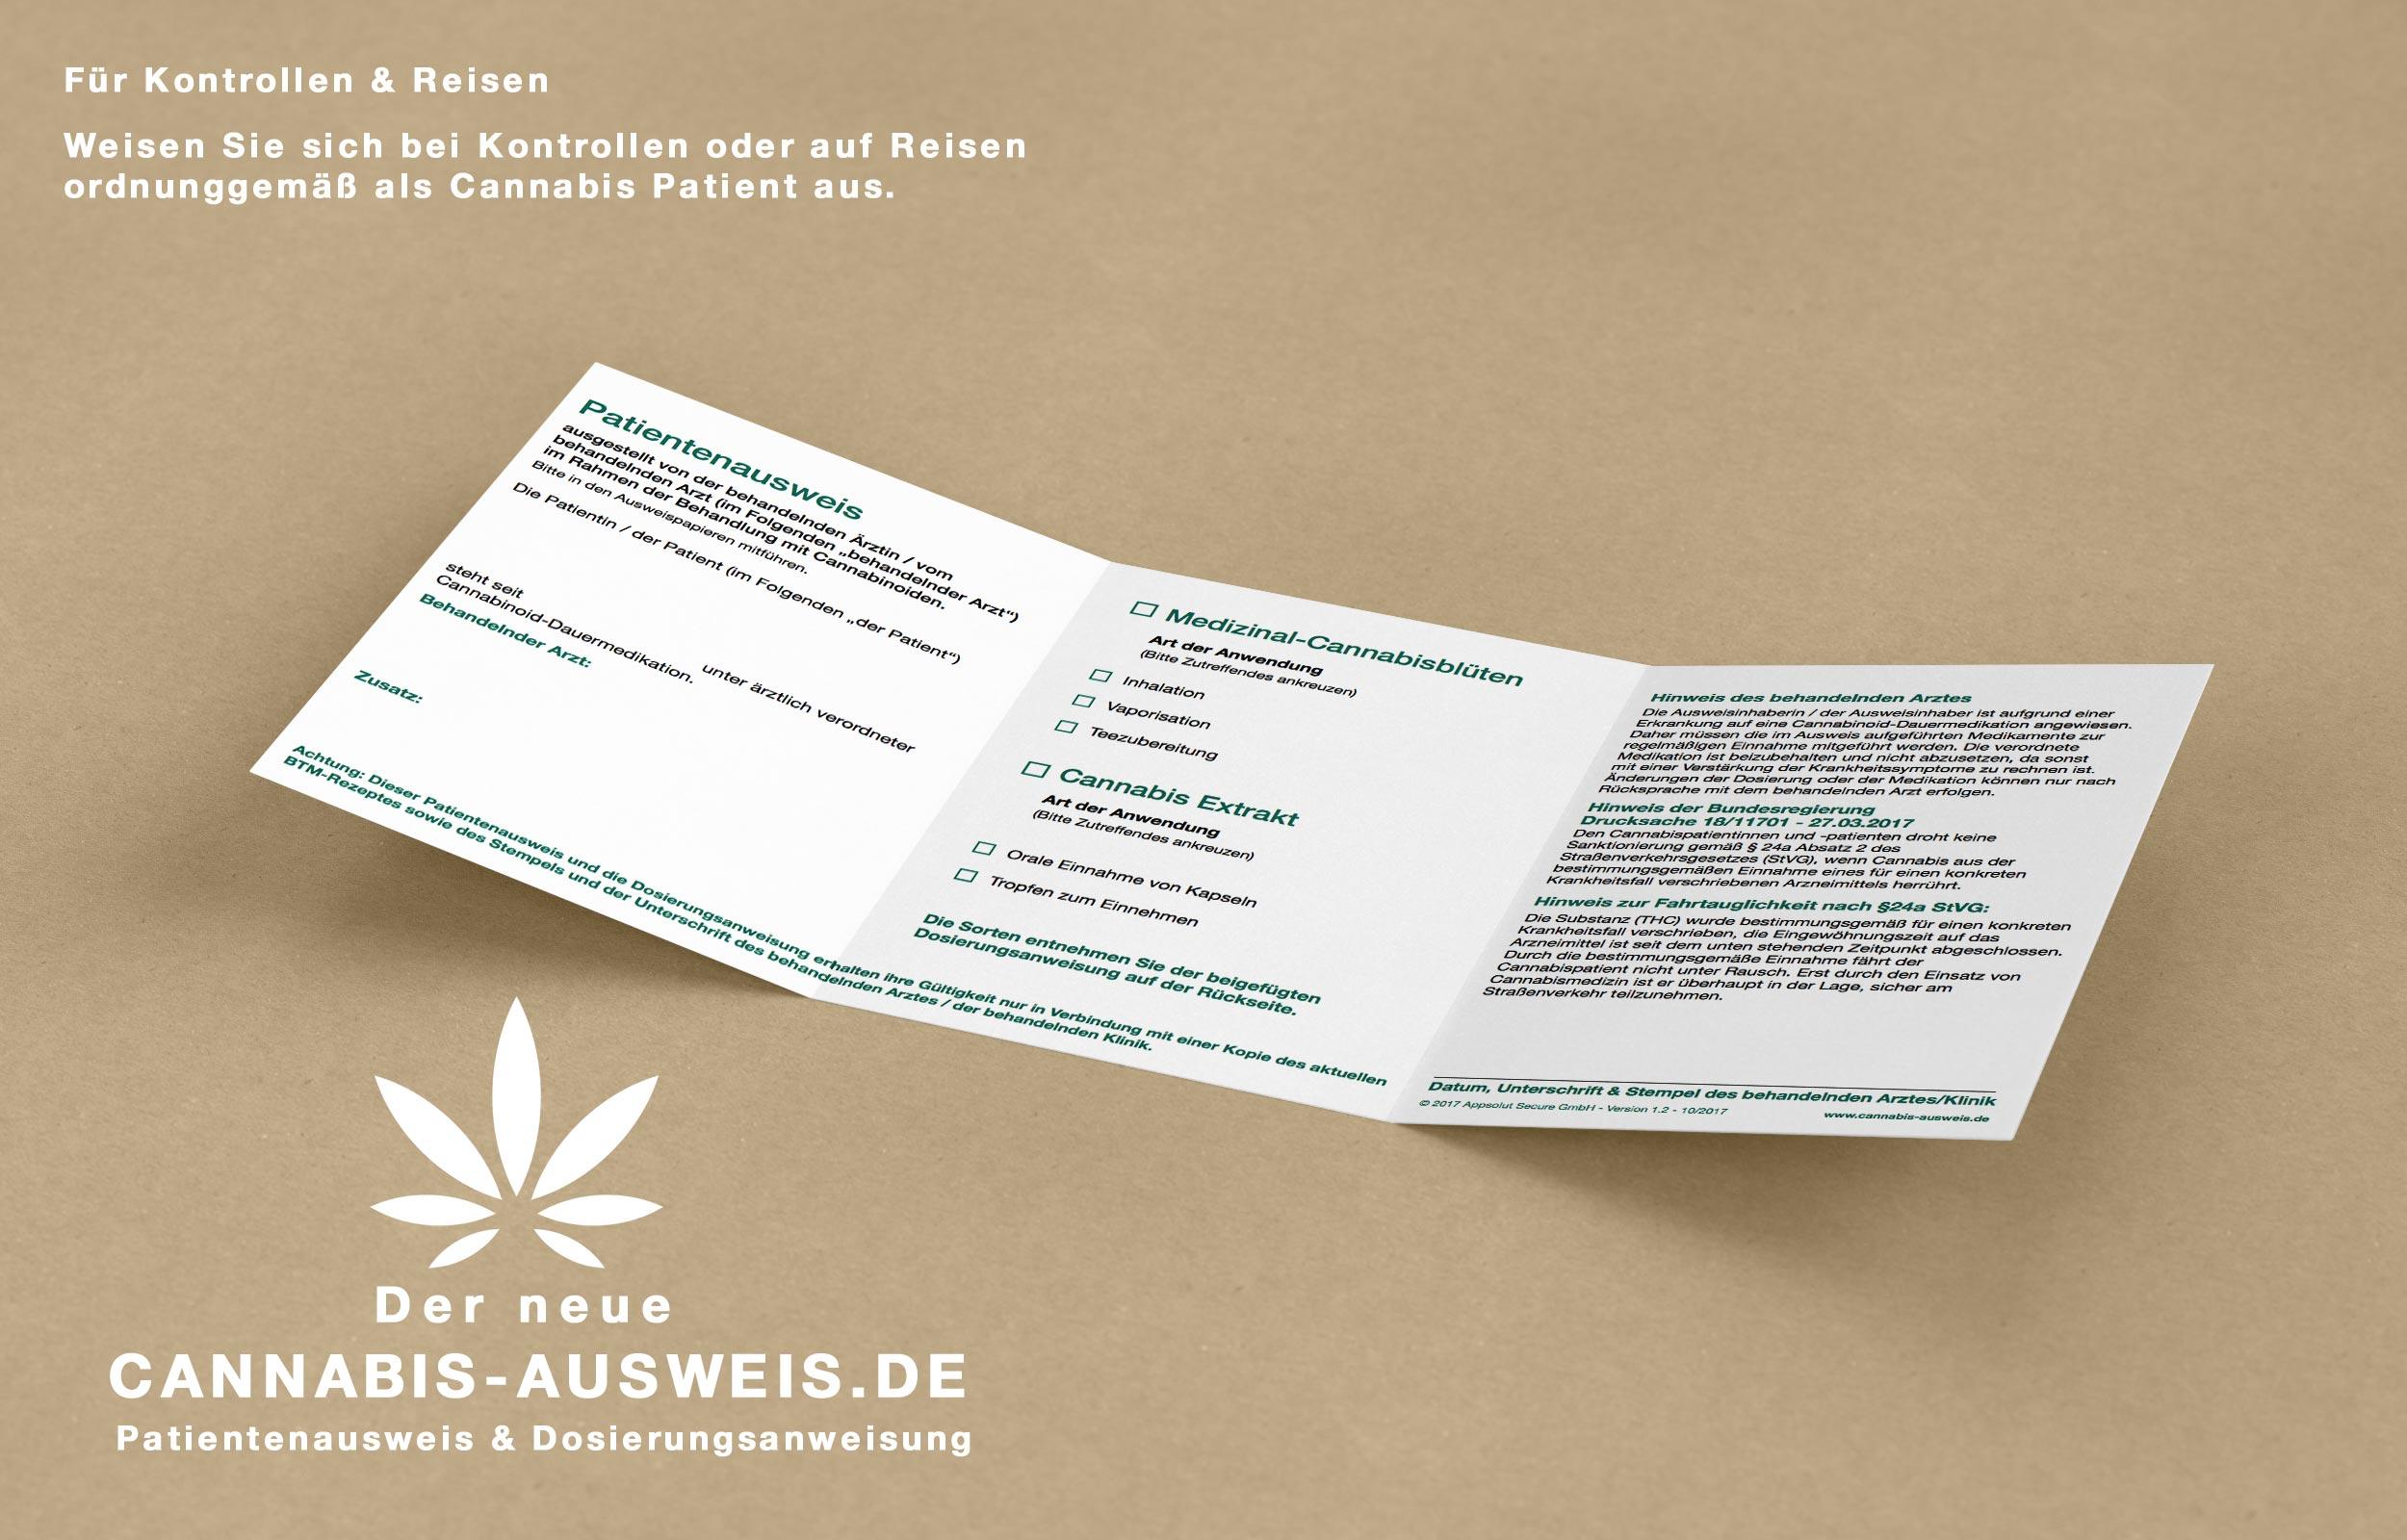 Cannabis Ausweis bestellen